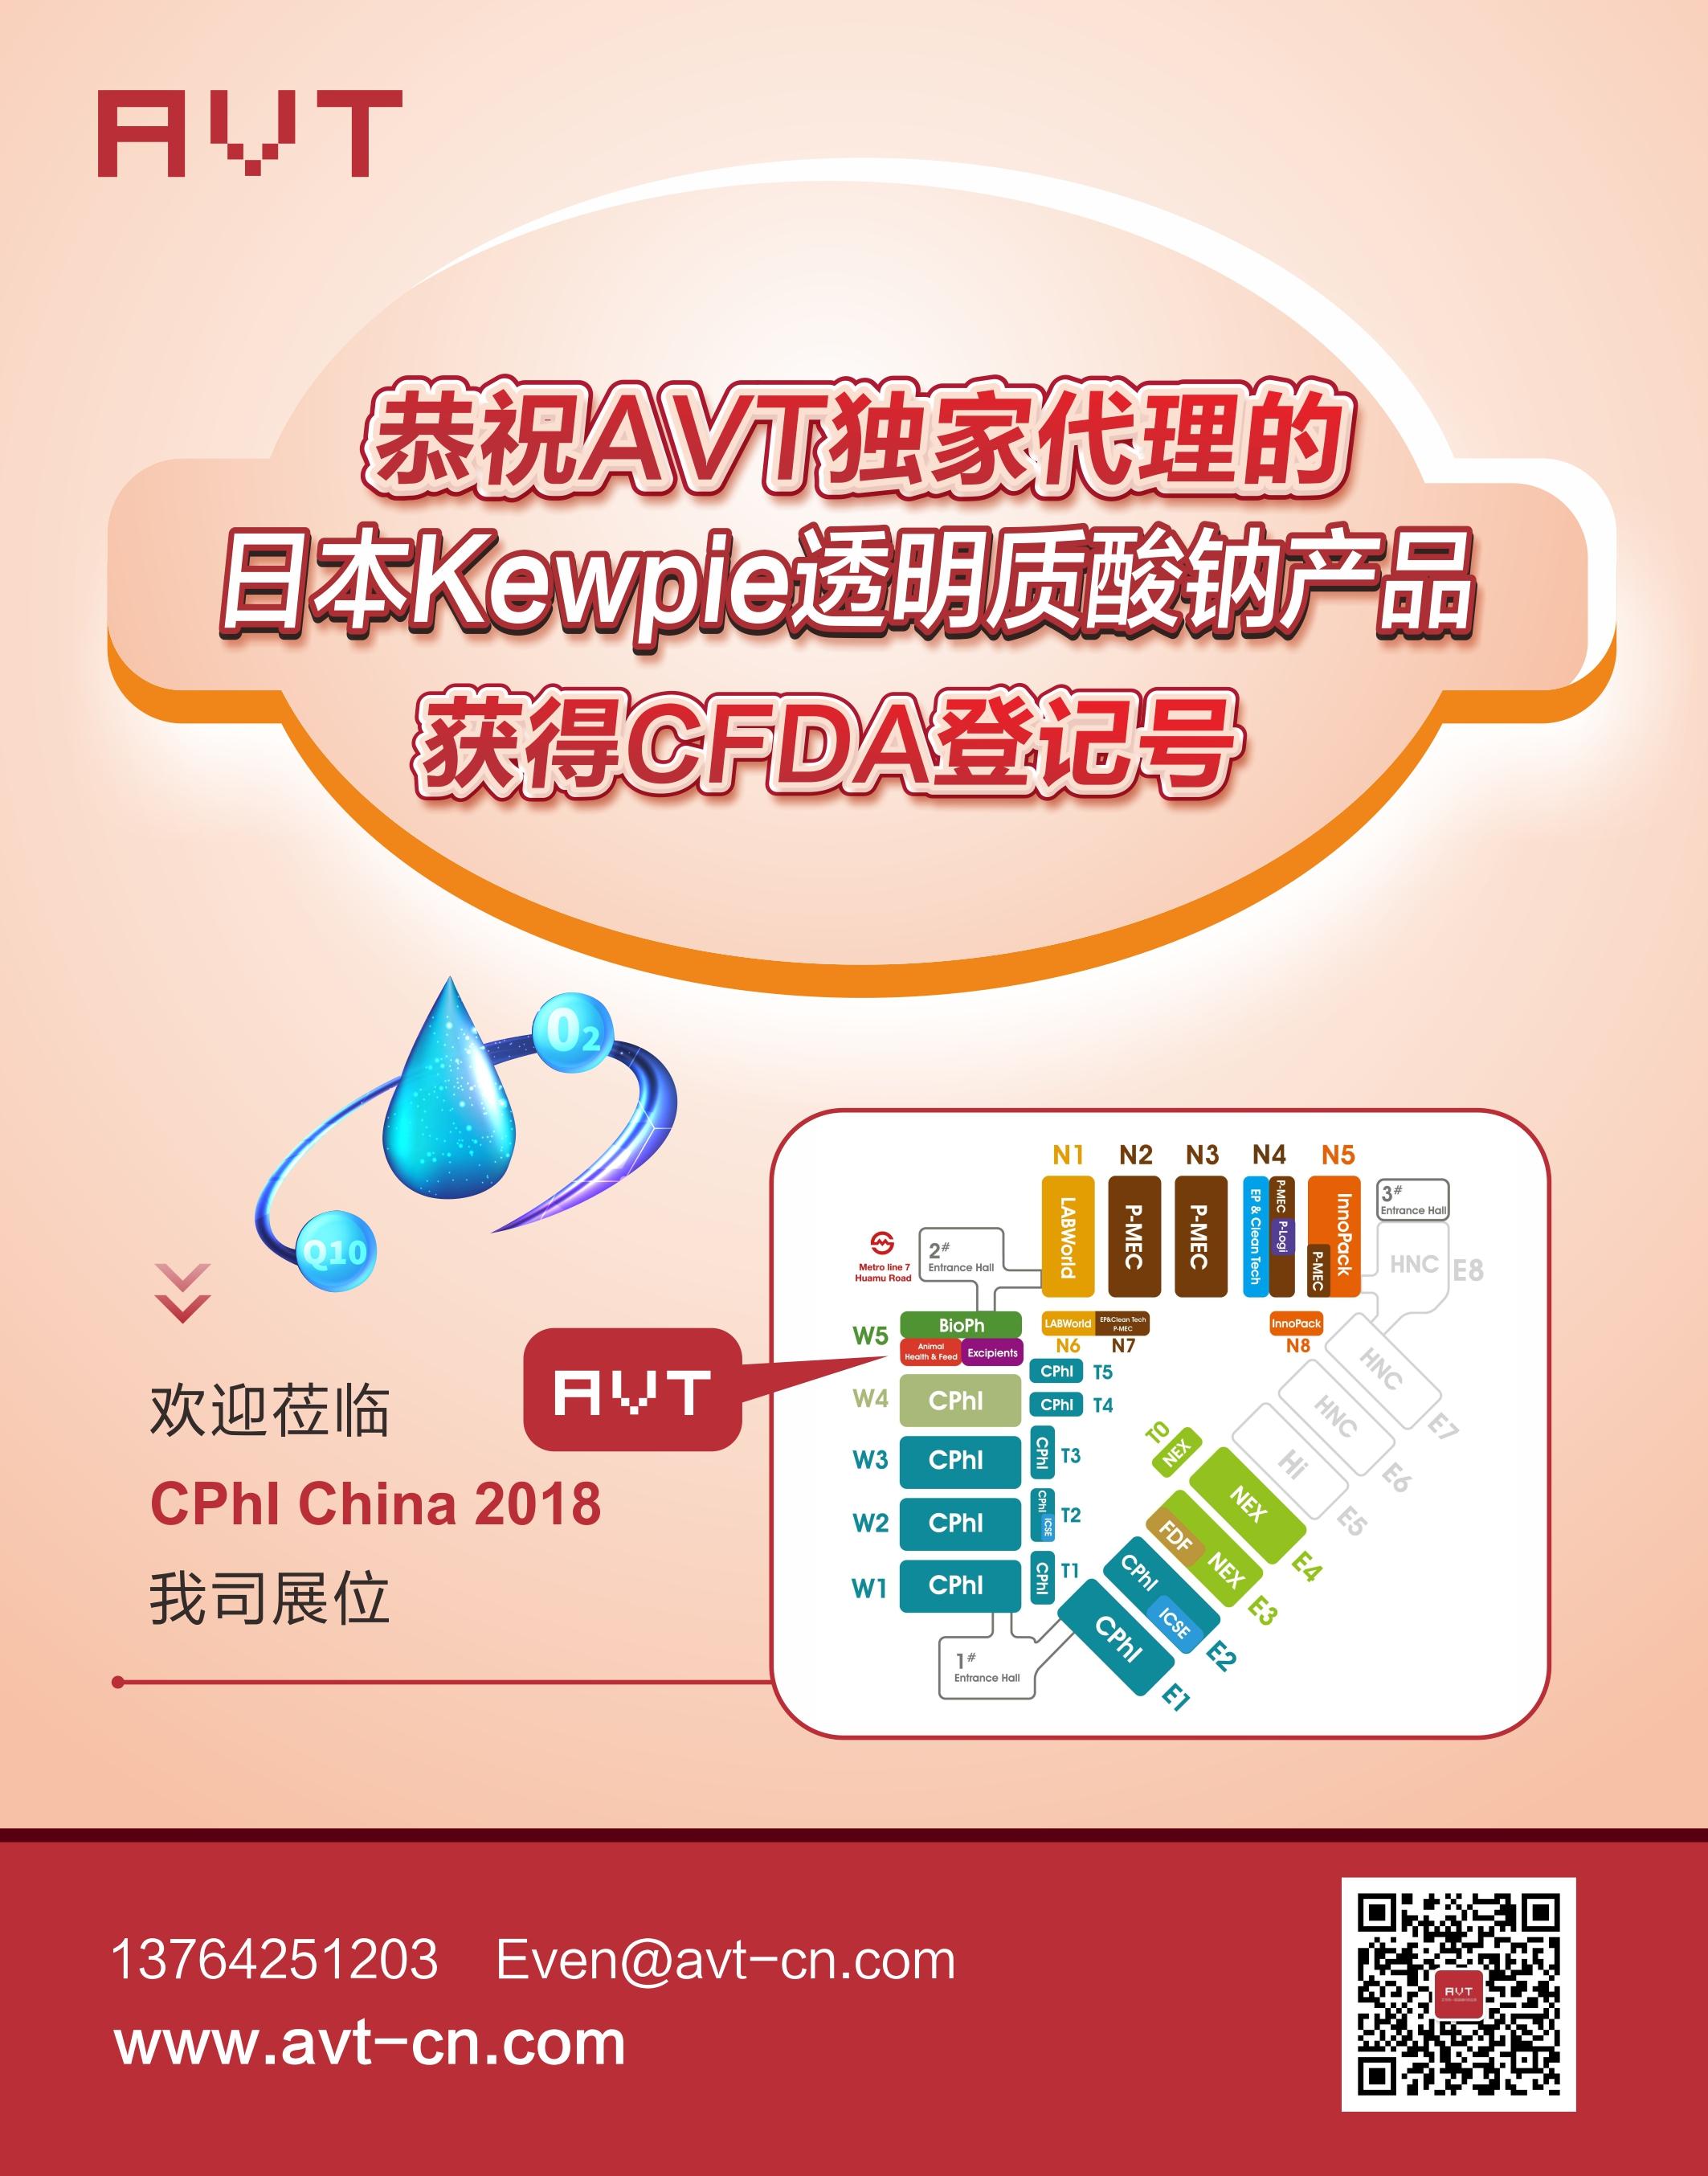 「AVT」祝 AVTが独占代理する日本Kewpieのヒアルロン酸ナトリウムはCFDA登録番号を獲得した!